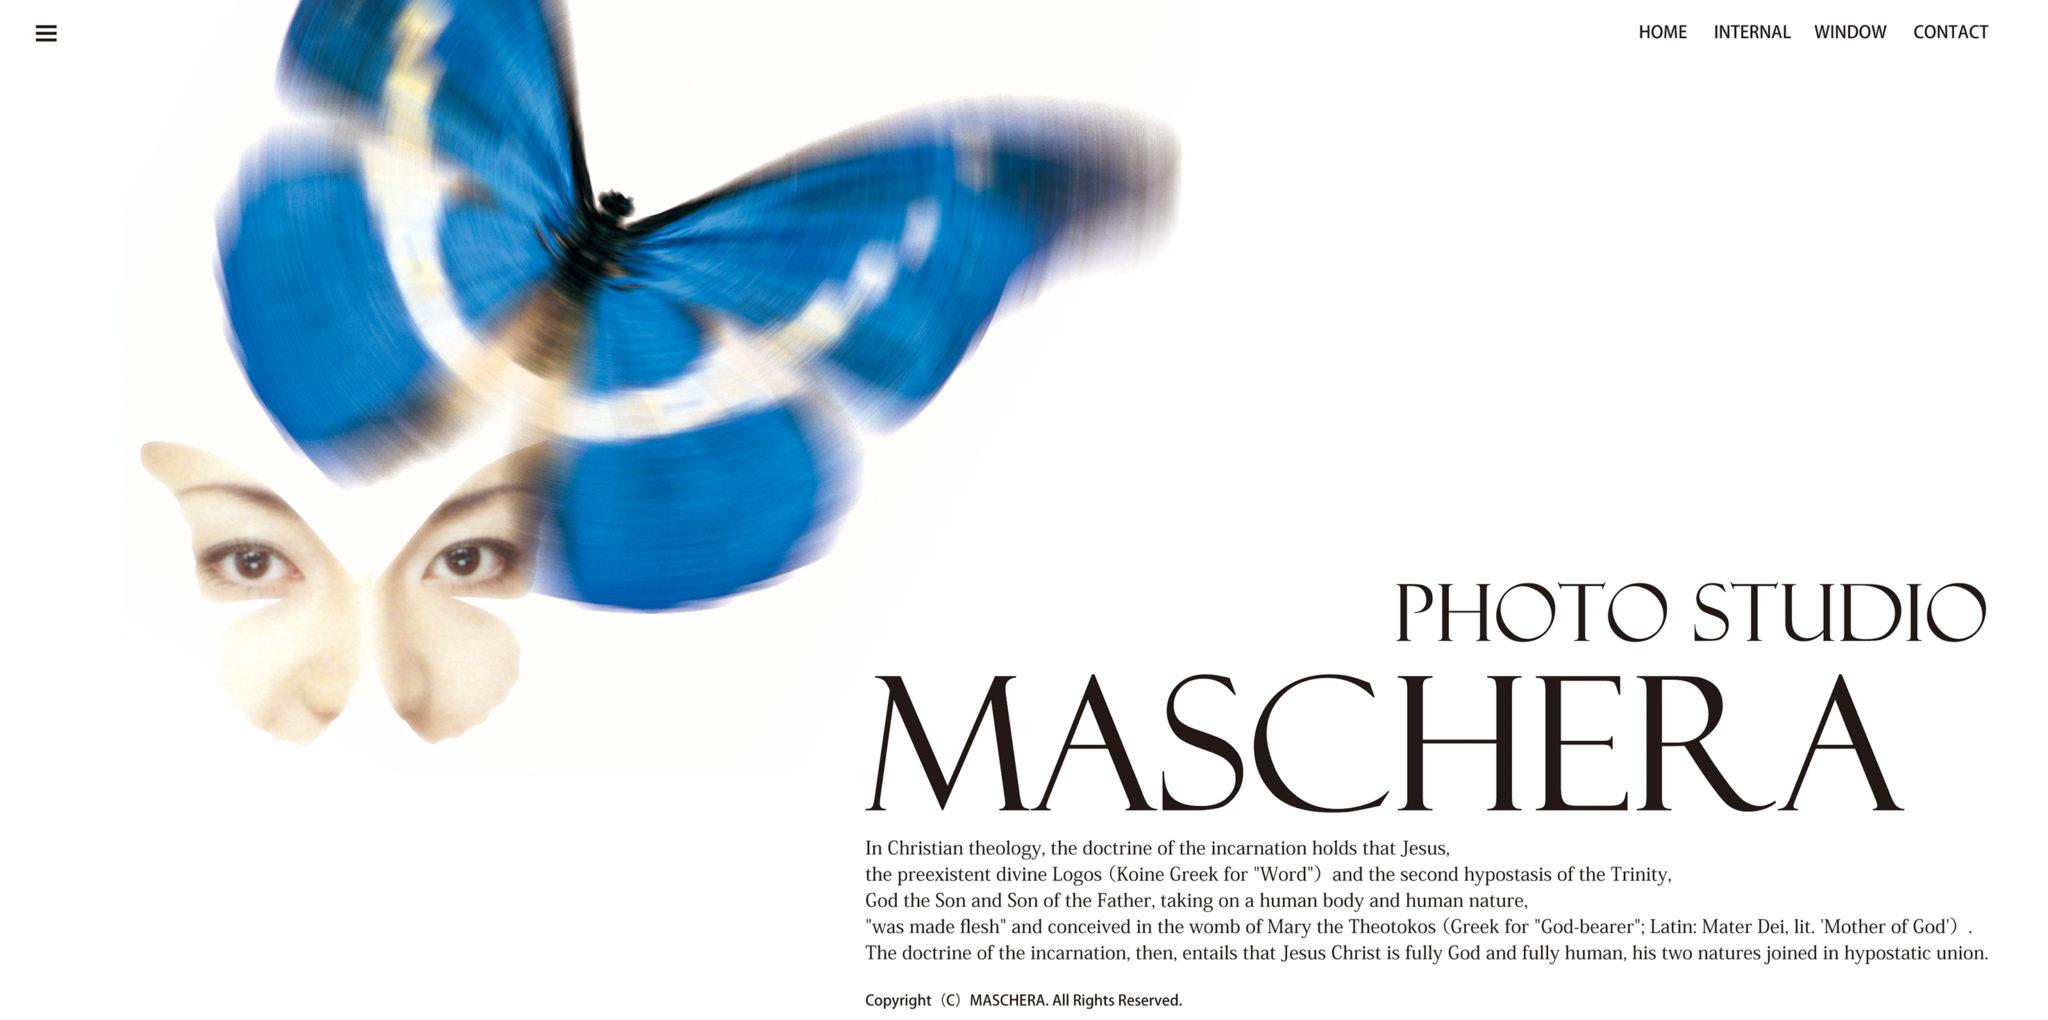 10_MASCHRA